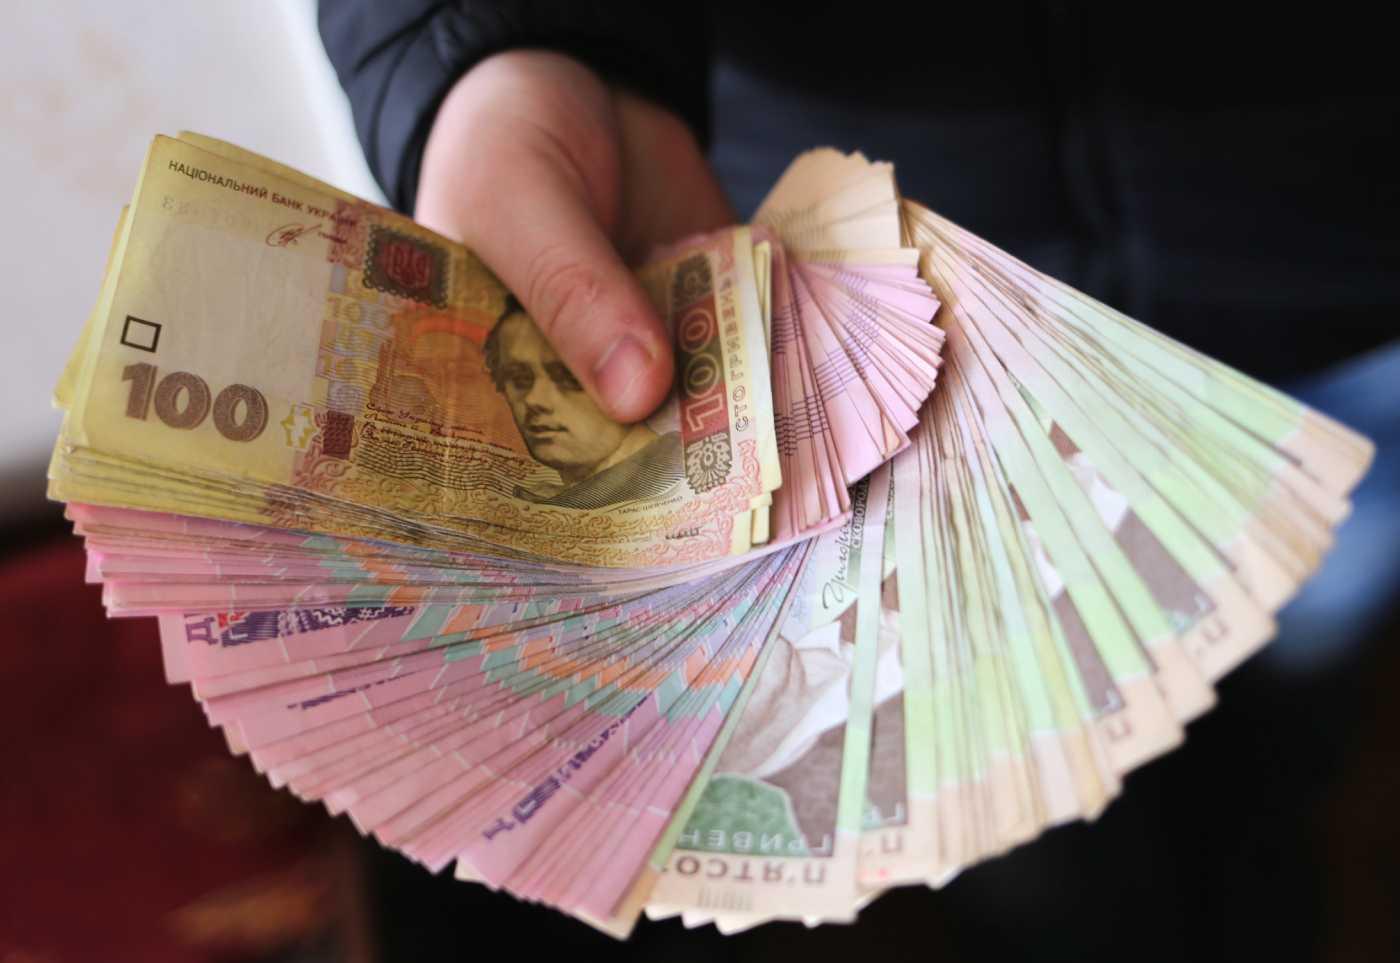 💸 1000 gryveń nominuvaly na najkrašču banknotu roku